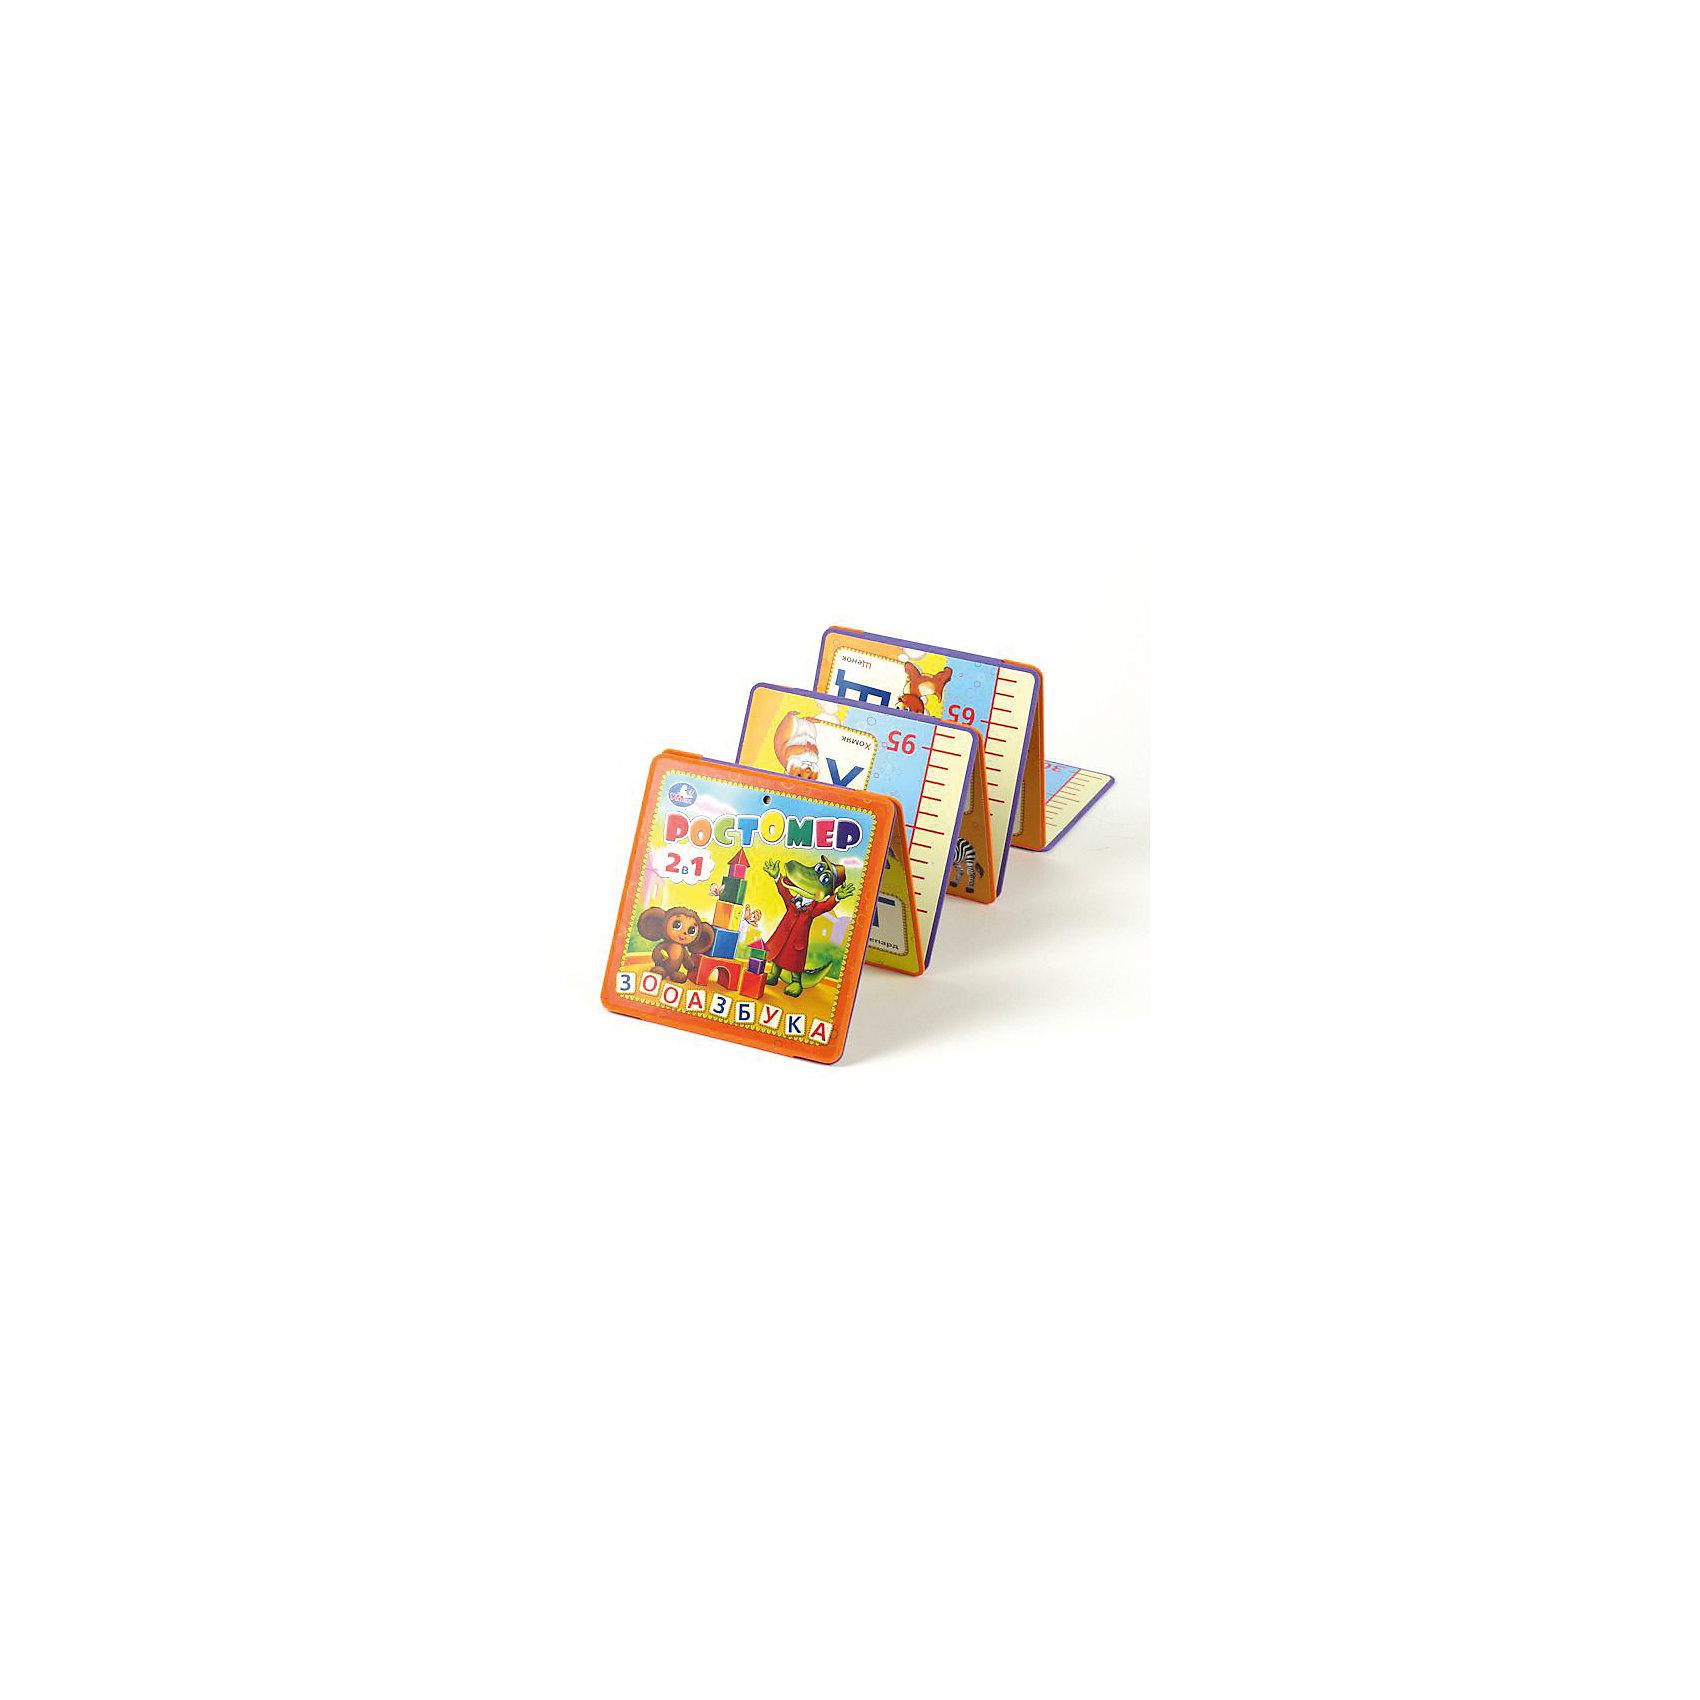 Книжка-ростомер Зооазбука, Чебурашка и Крокодил ГенаЯркая книжка с любимыми героями таит в себе секрет: разверни странички, свернутые гармошкой и измеряй свой рост или рост своих игрушек! Кроме того, книга познакомит малыша с буквами, каждую букву иллюстрирует яркое изображение животного, которое ей соответствует. Книжка выполнена из плотного картона, имеет удобный для детских ручек размер, малыш сам сможет разворачивать и сворачивать ее. <br><br>Дополнительная информация:<br><br>- Материал: картон, полимер. <br>- Размер: 16х16 см. <br>- Иллюстрации: цветные.<br><br>Книжку-ростомер Зооазбука, Чебурашка и Крокодил Гена, можно купить в нашем магазине.<br><br>Ширина мм: 20<br>Глубина мм: 200<br>Высота мм: 240<br>Вес г: 220<br>Возраст от месяцев: 12<br>Возраст до месяцев: 72<br>Пол: Унисекс<br>Возраст: Детский<br>SKU: 4354942